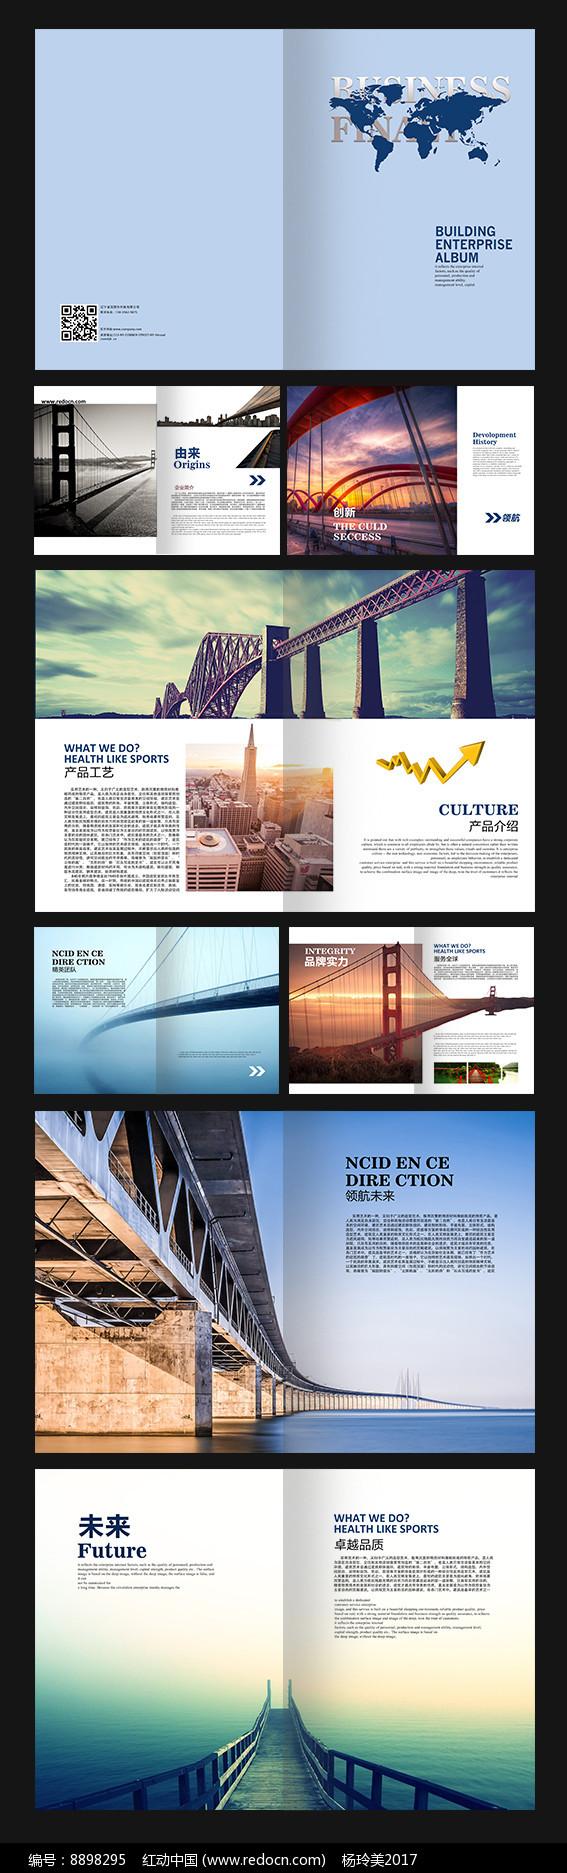 造桥企业通用画册图片